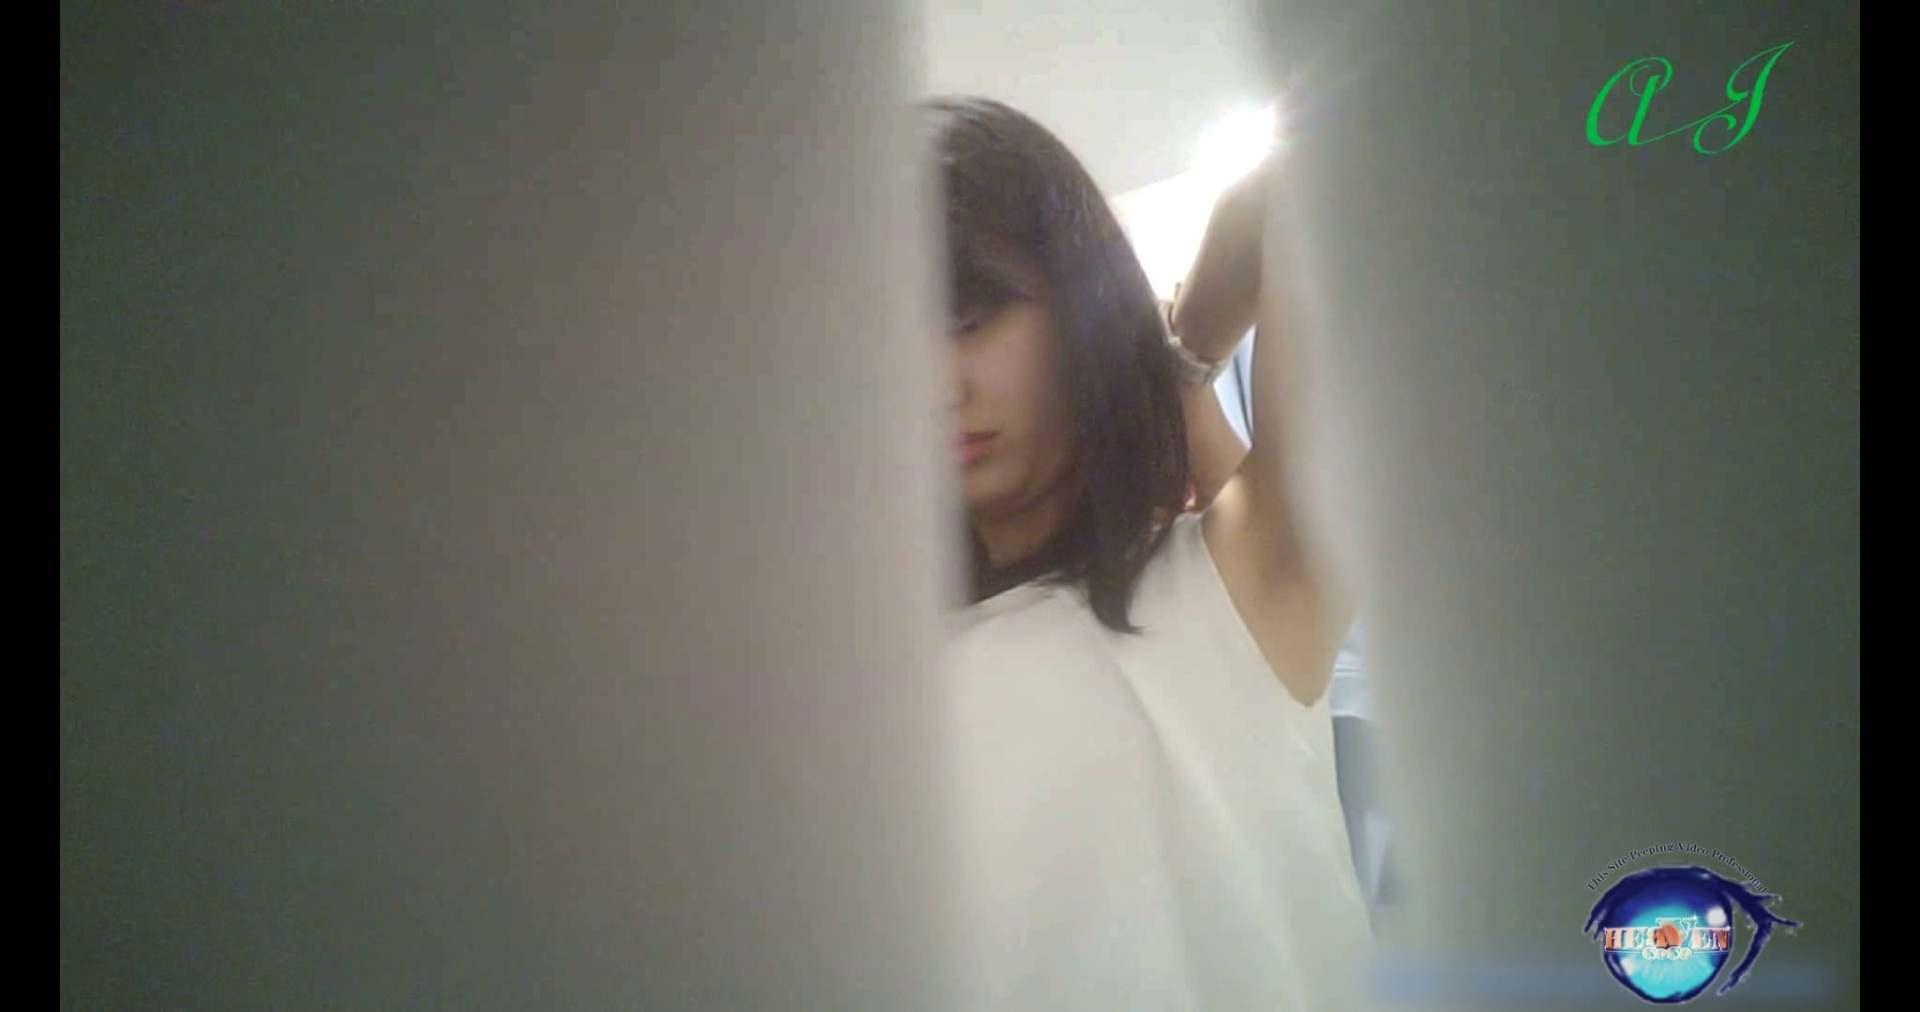 素敵なパンストお姉さん 有名大学女性洗面所 vol.73 OLセックス 隠し撮りAV無料 72画像 8